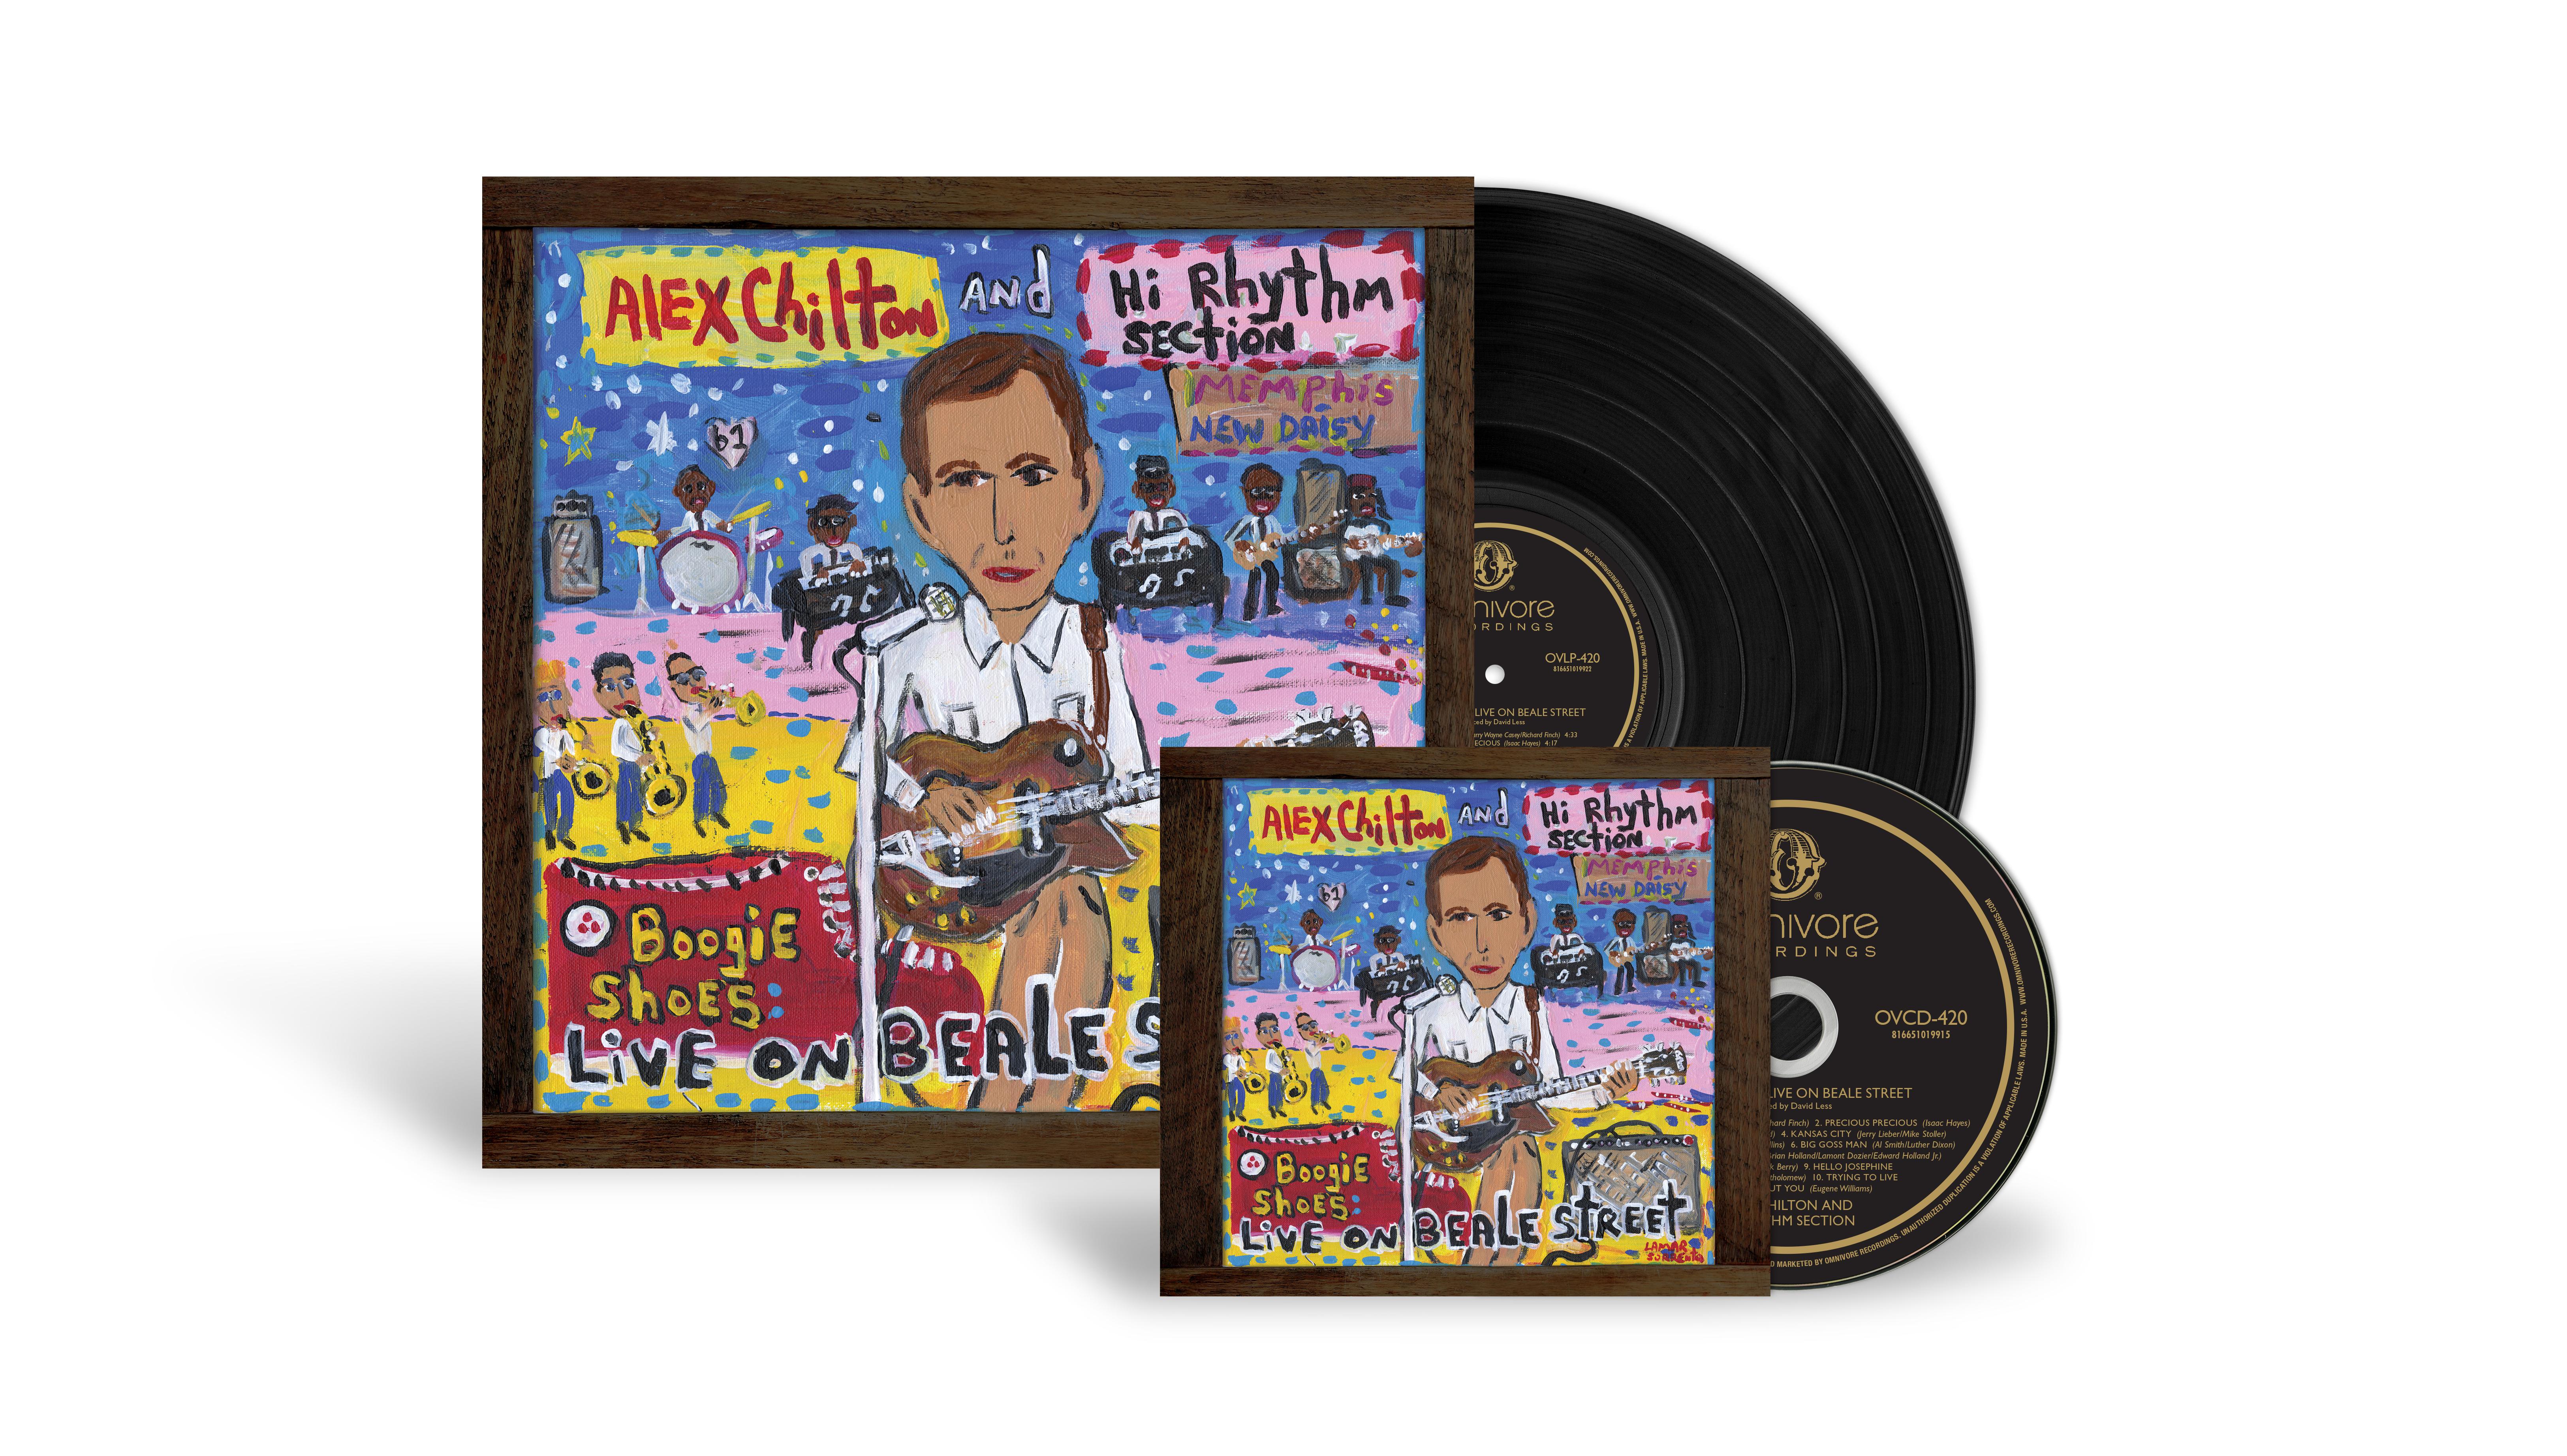 Alex Chilton - Boogie Shoes LP - CD